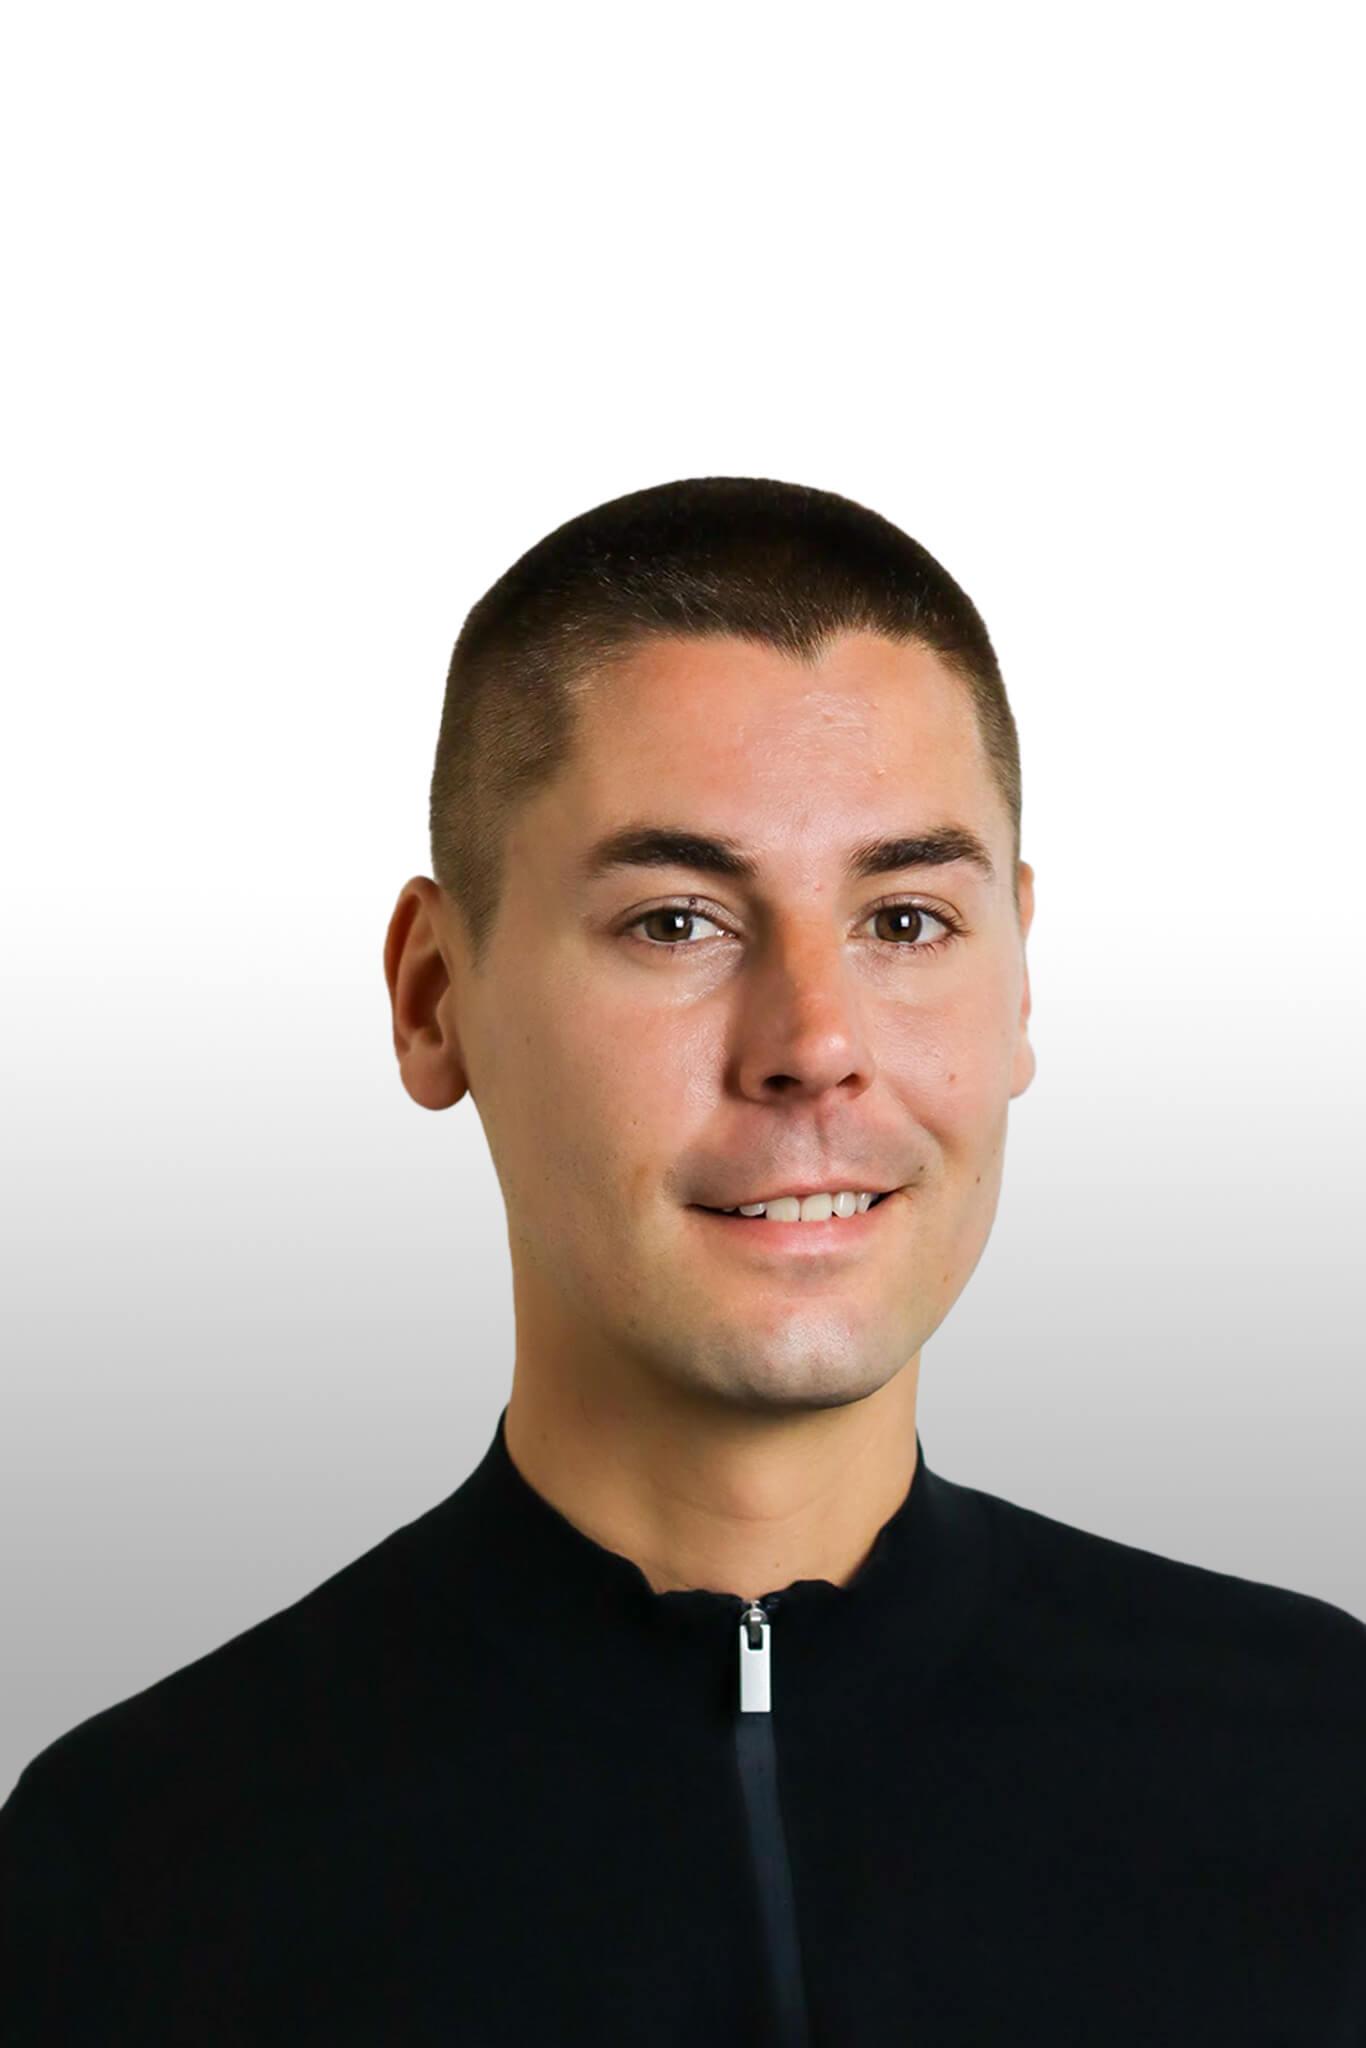 Nils Stobbe